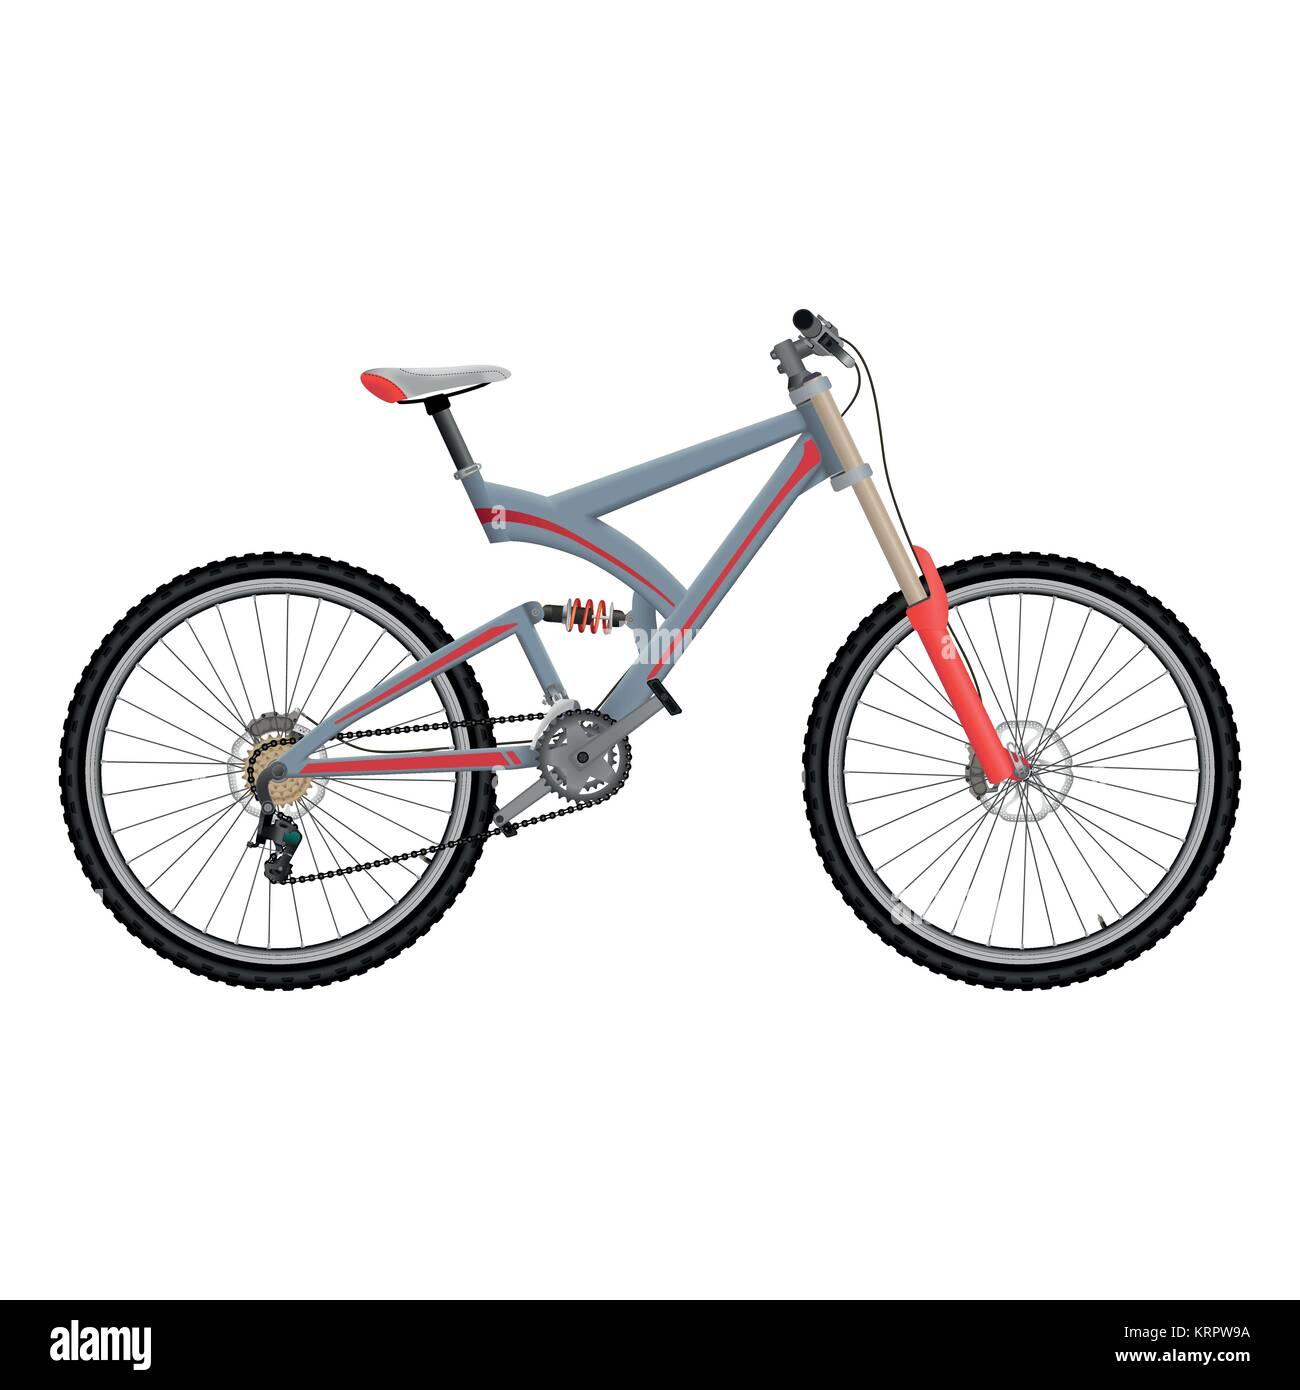 Bicicletta Con Freni A Disco